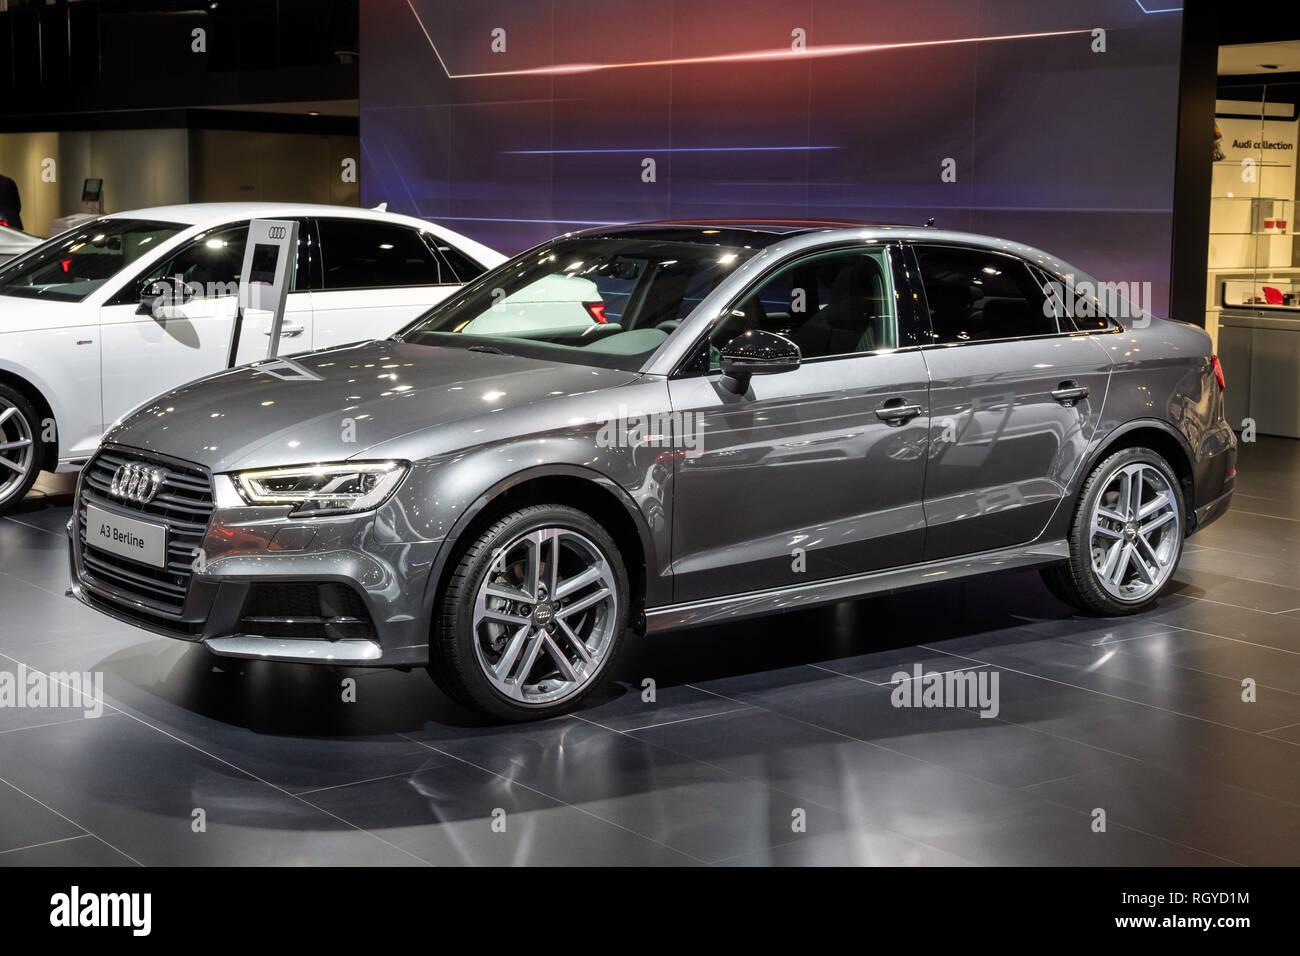 Audi A3 Stock Photos Audi A3 Stock Images Alamy